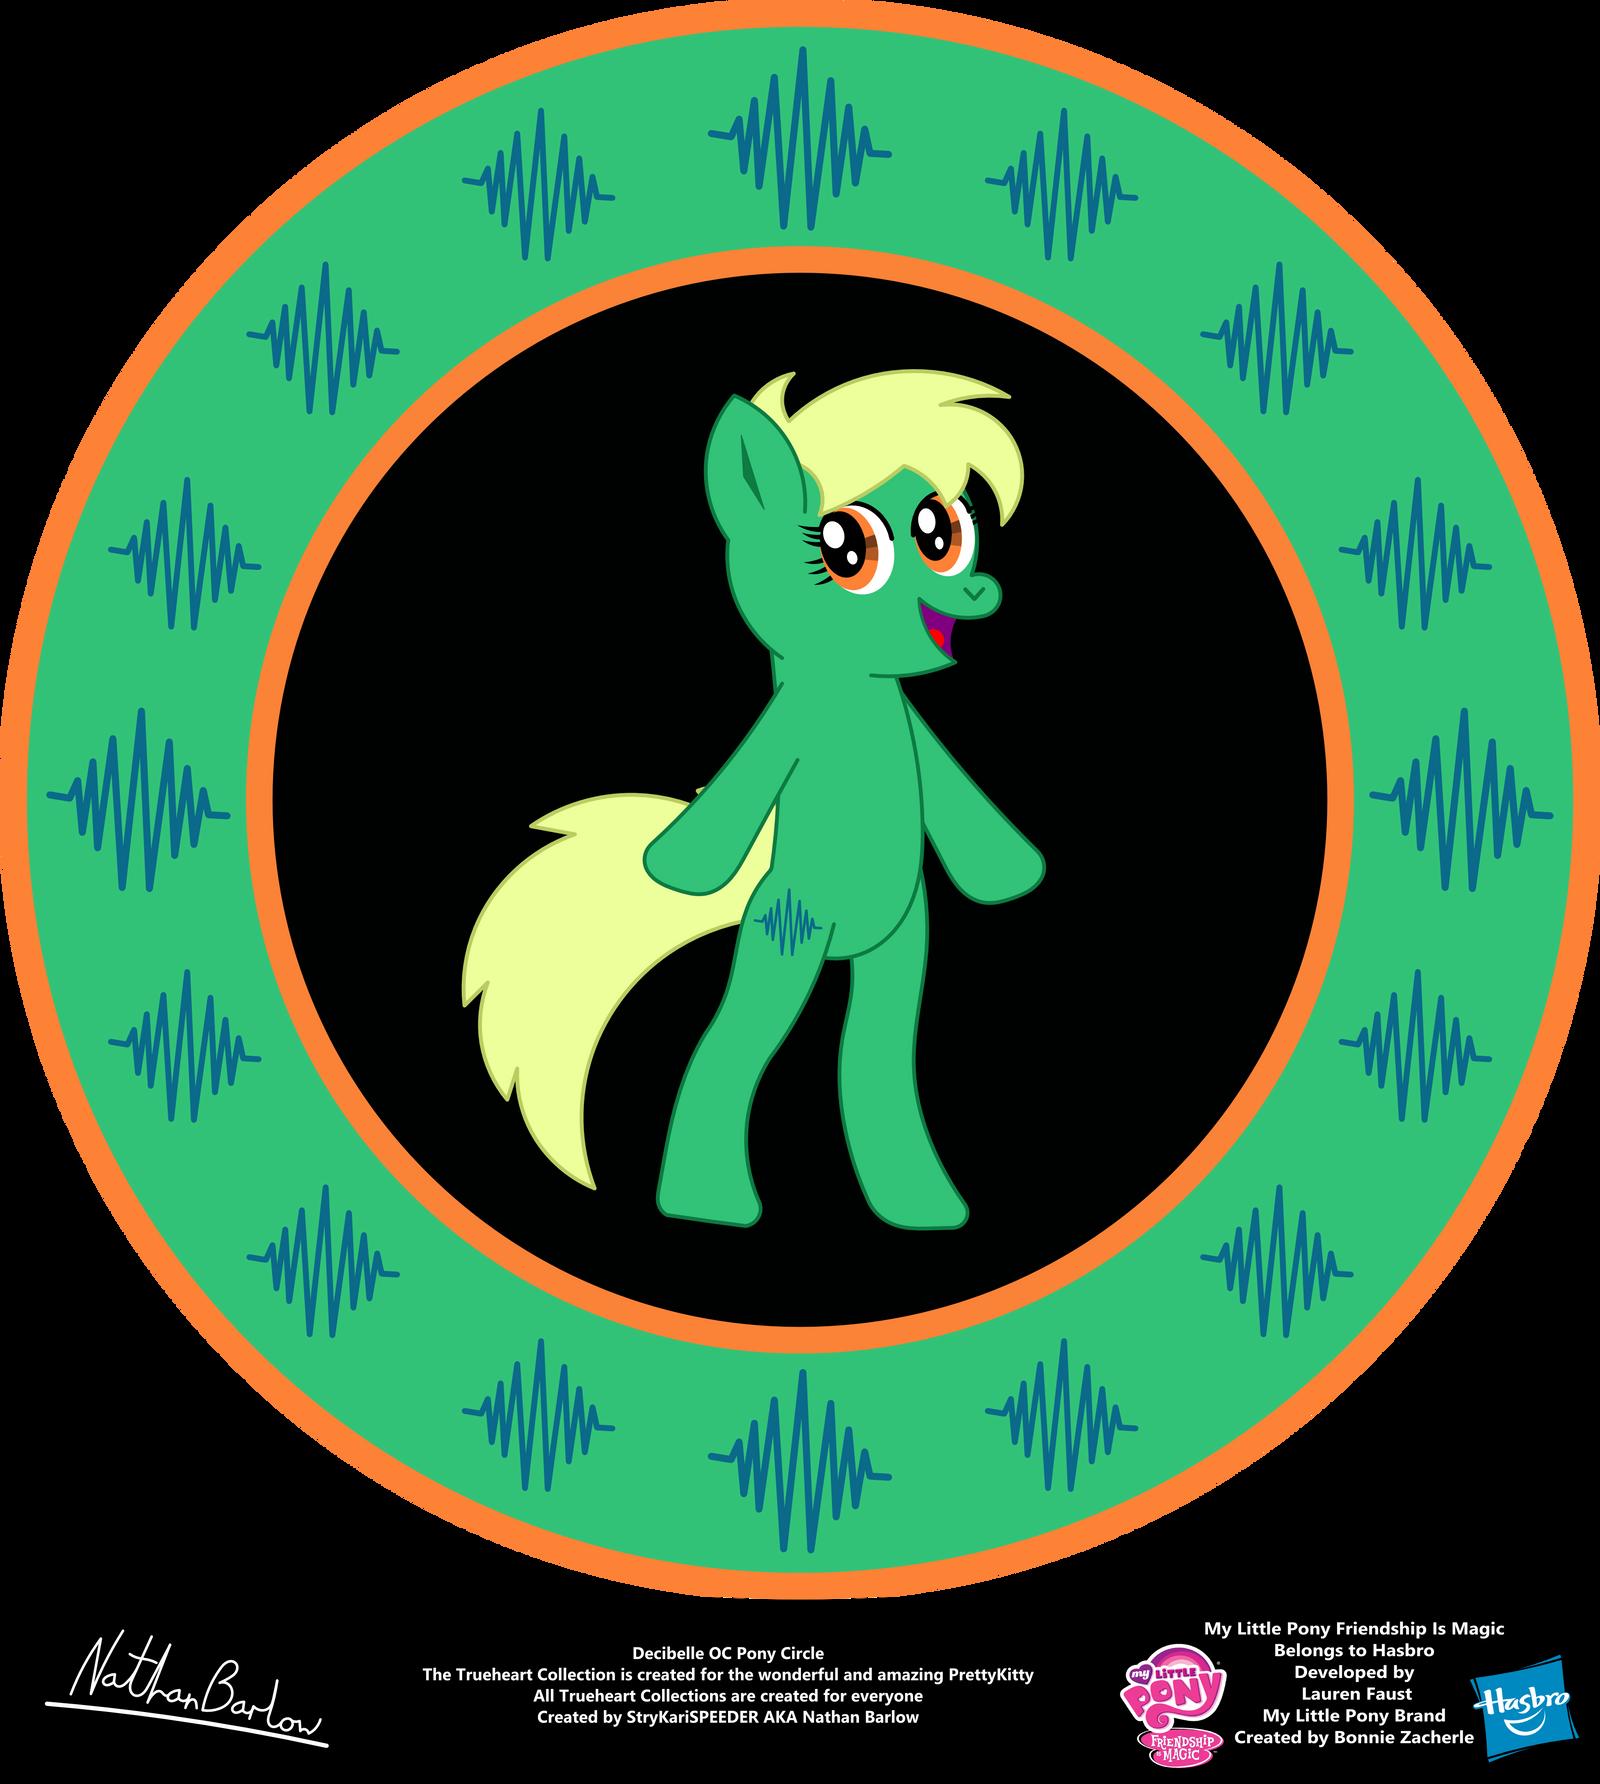 Decibelle OC Pony Circle by StryKariSPEEDER